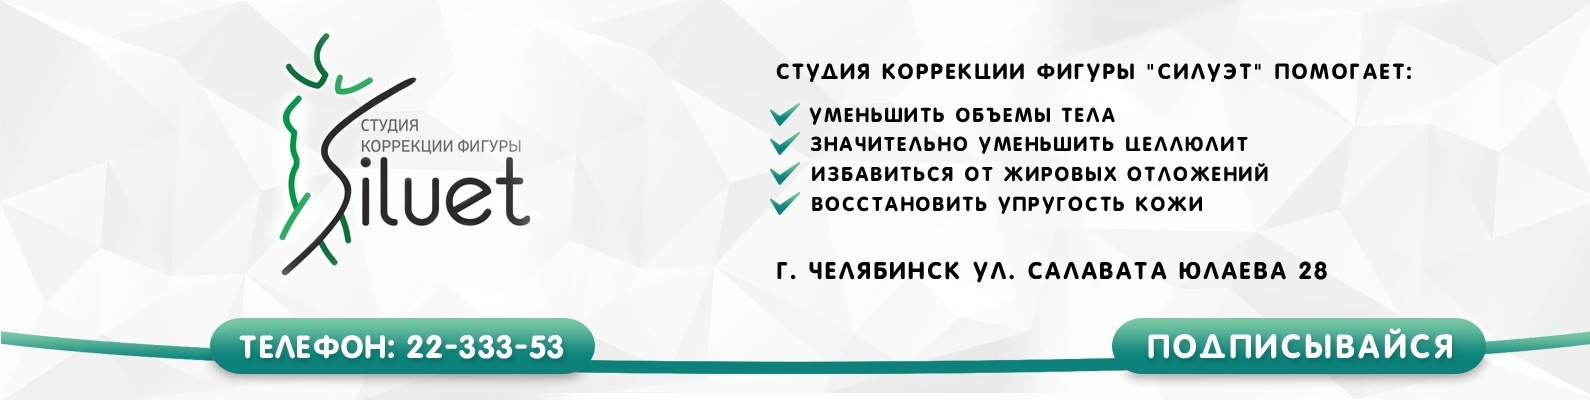 Список салон красоты коррекция фигуры в челябинске